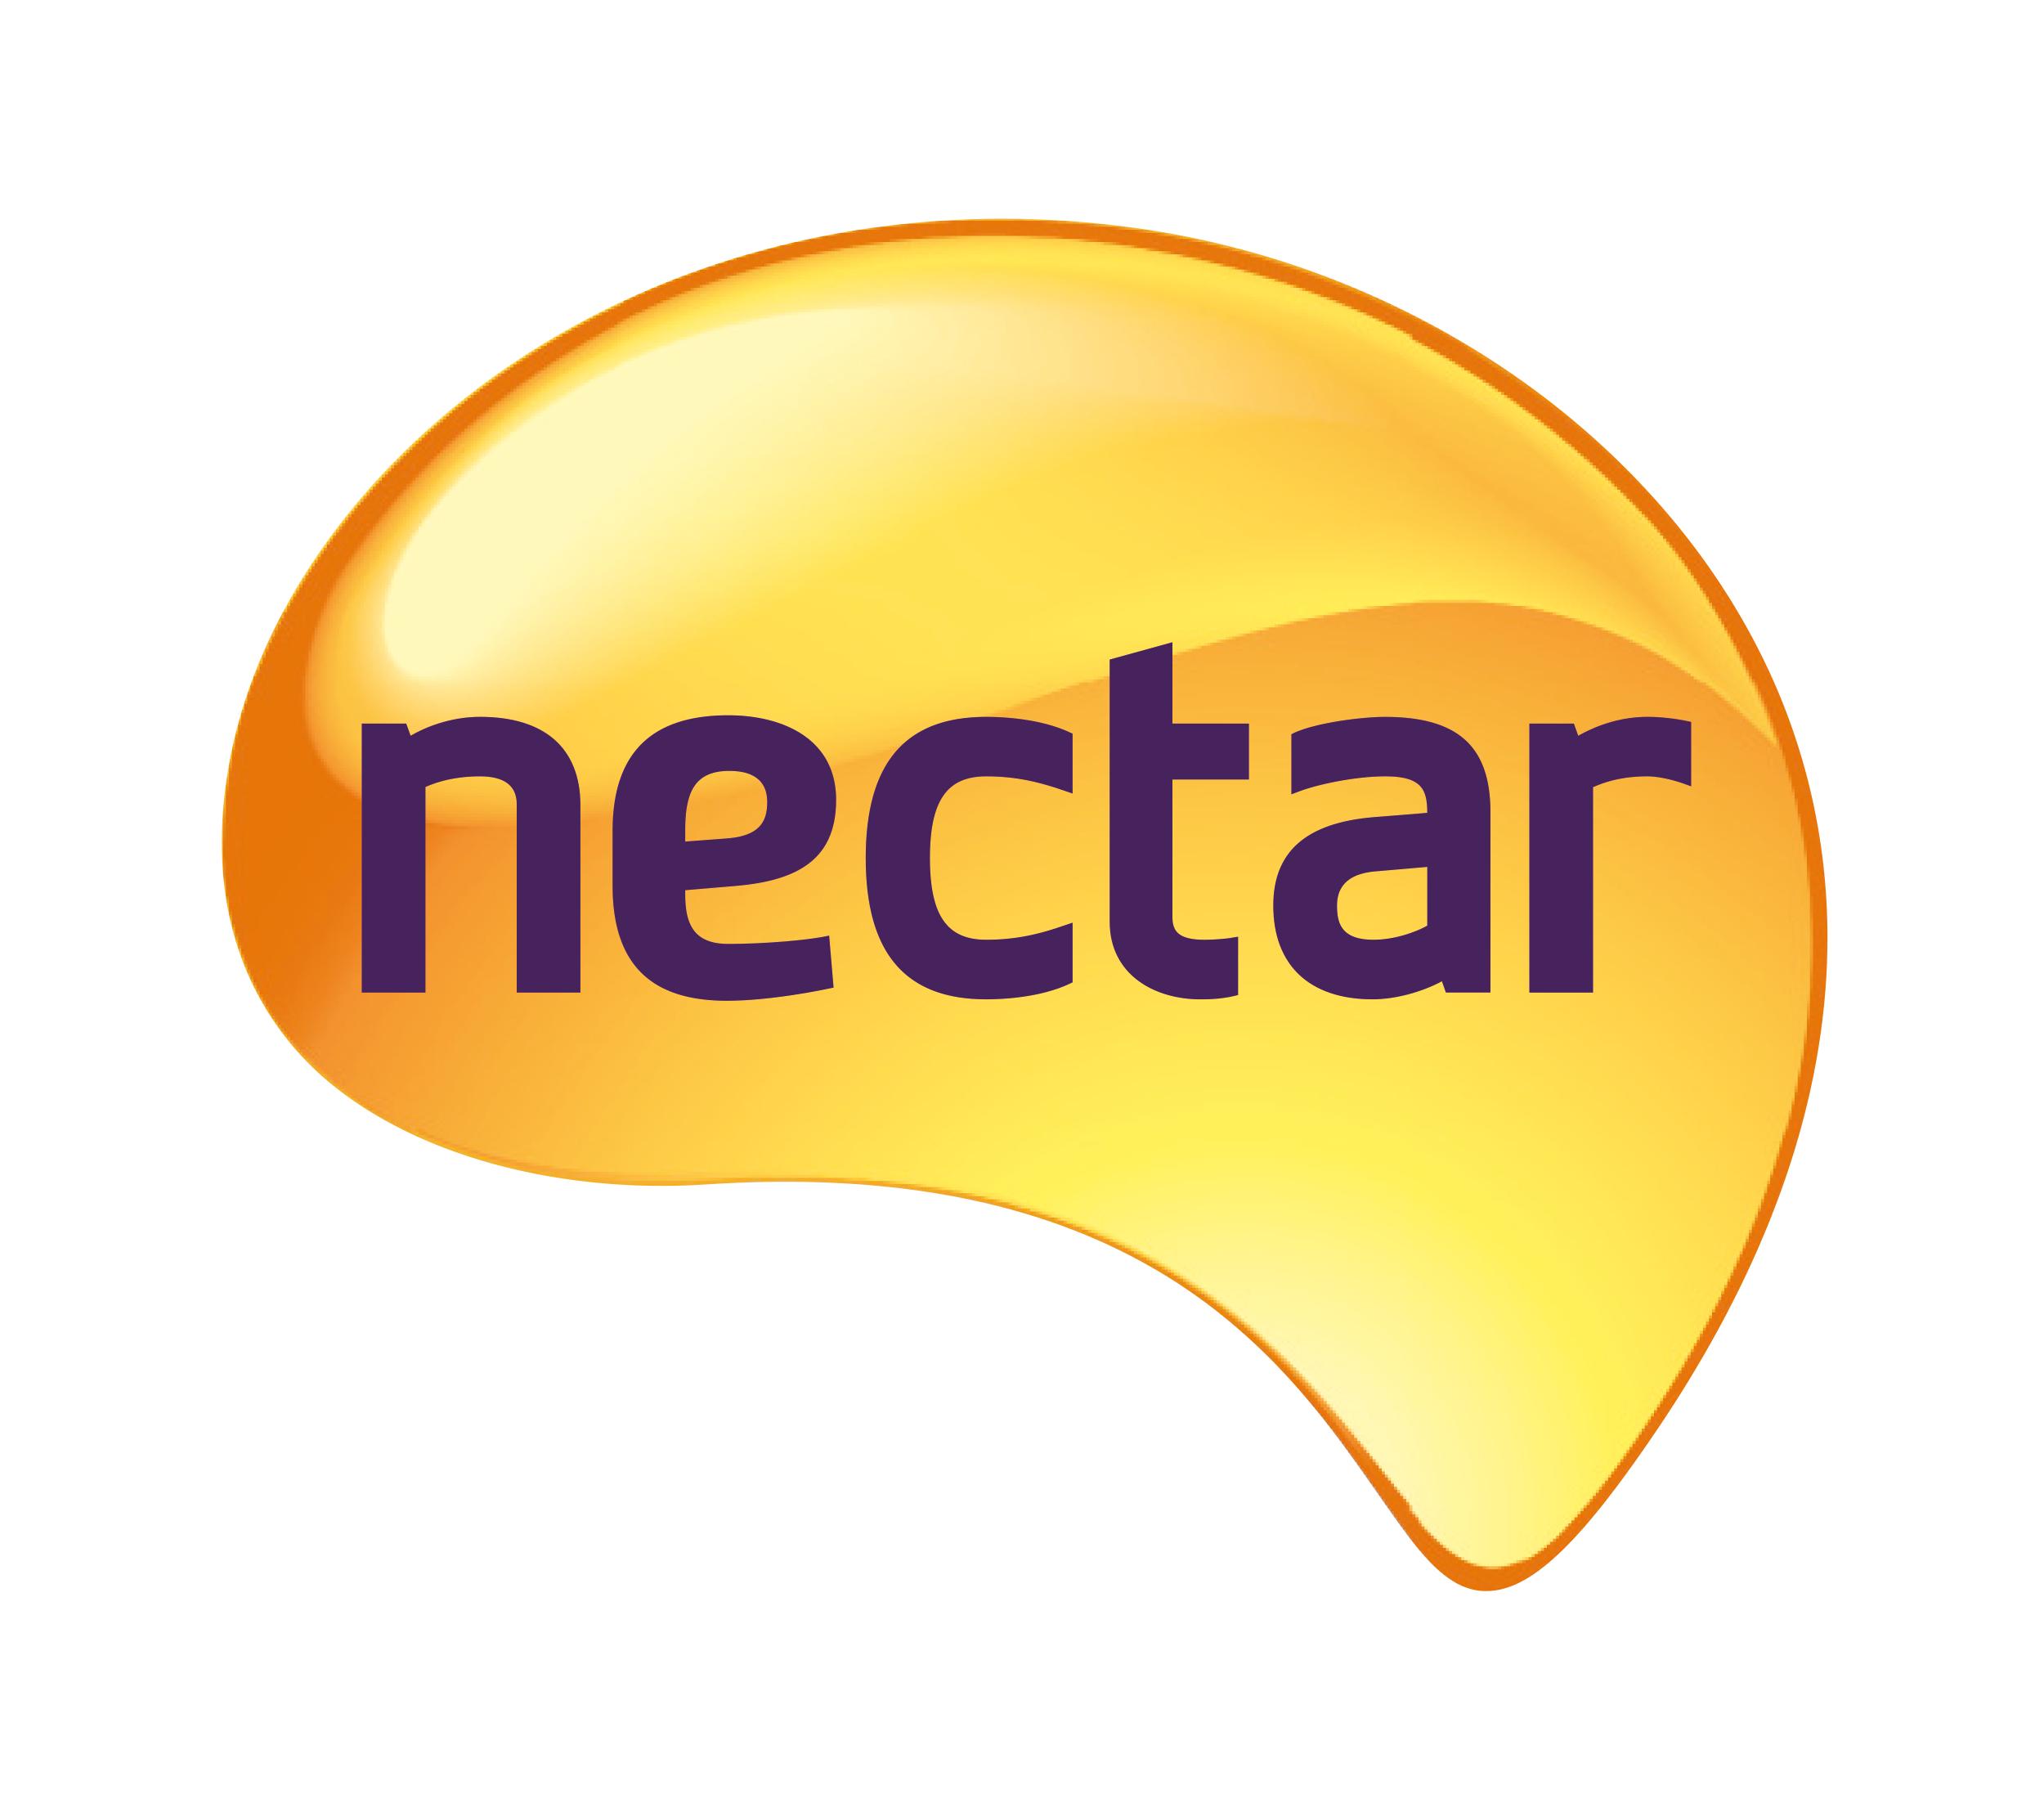 8X Nectar Points On EBay